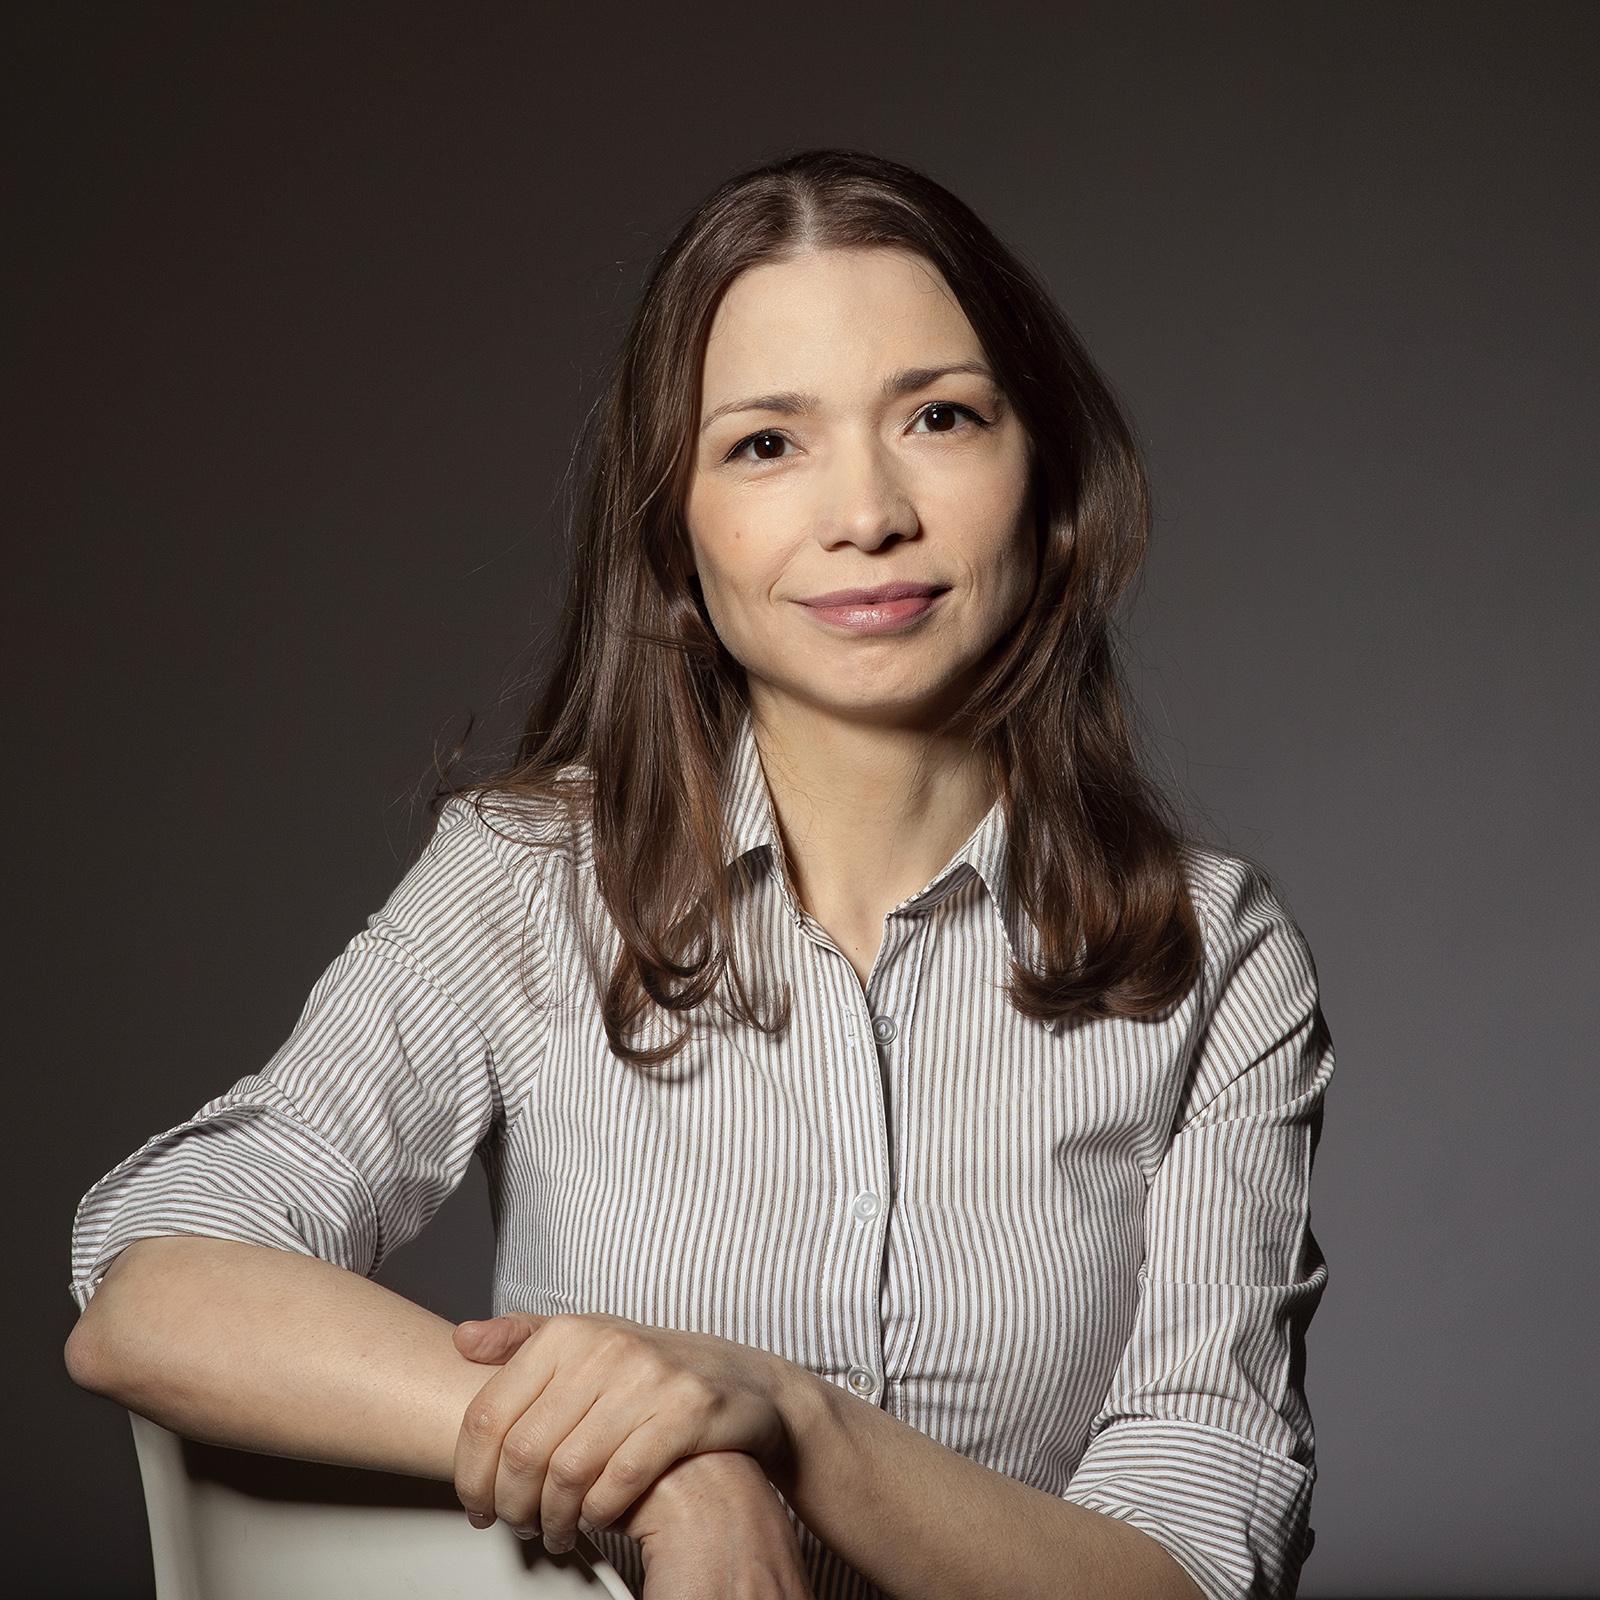 Irina Grabarnik